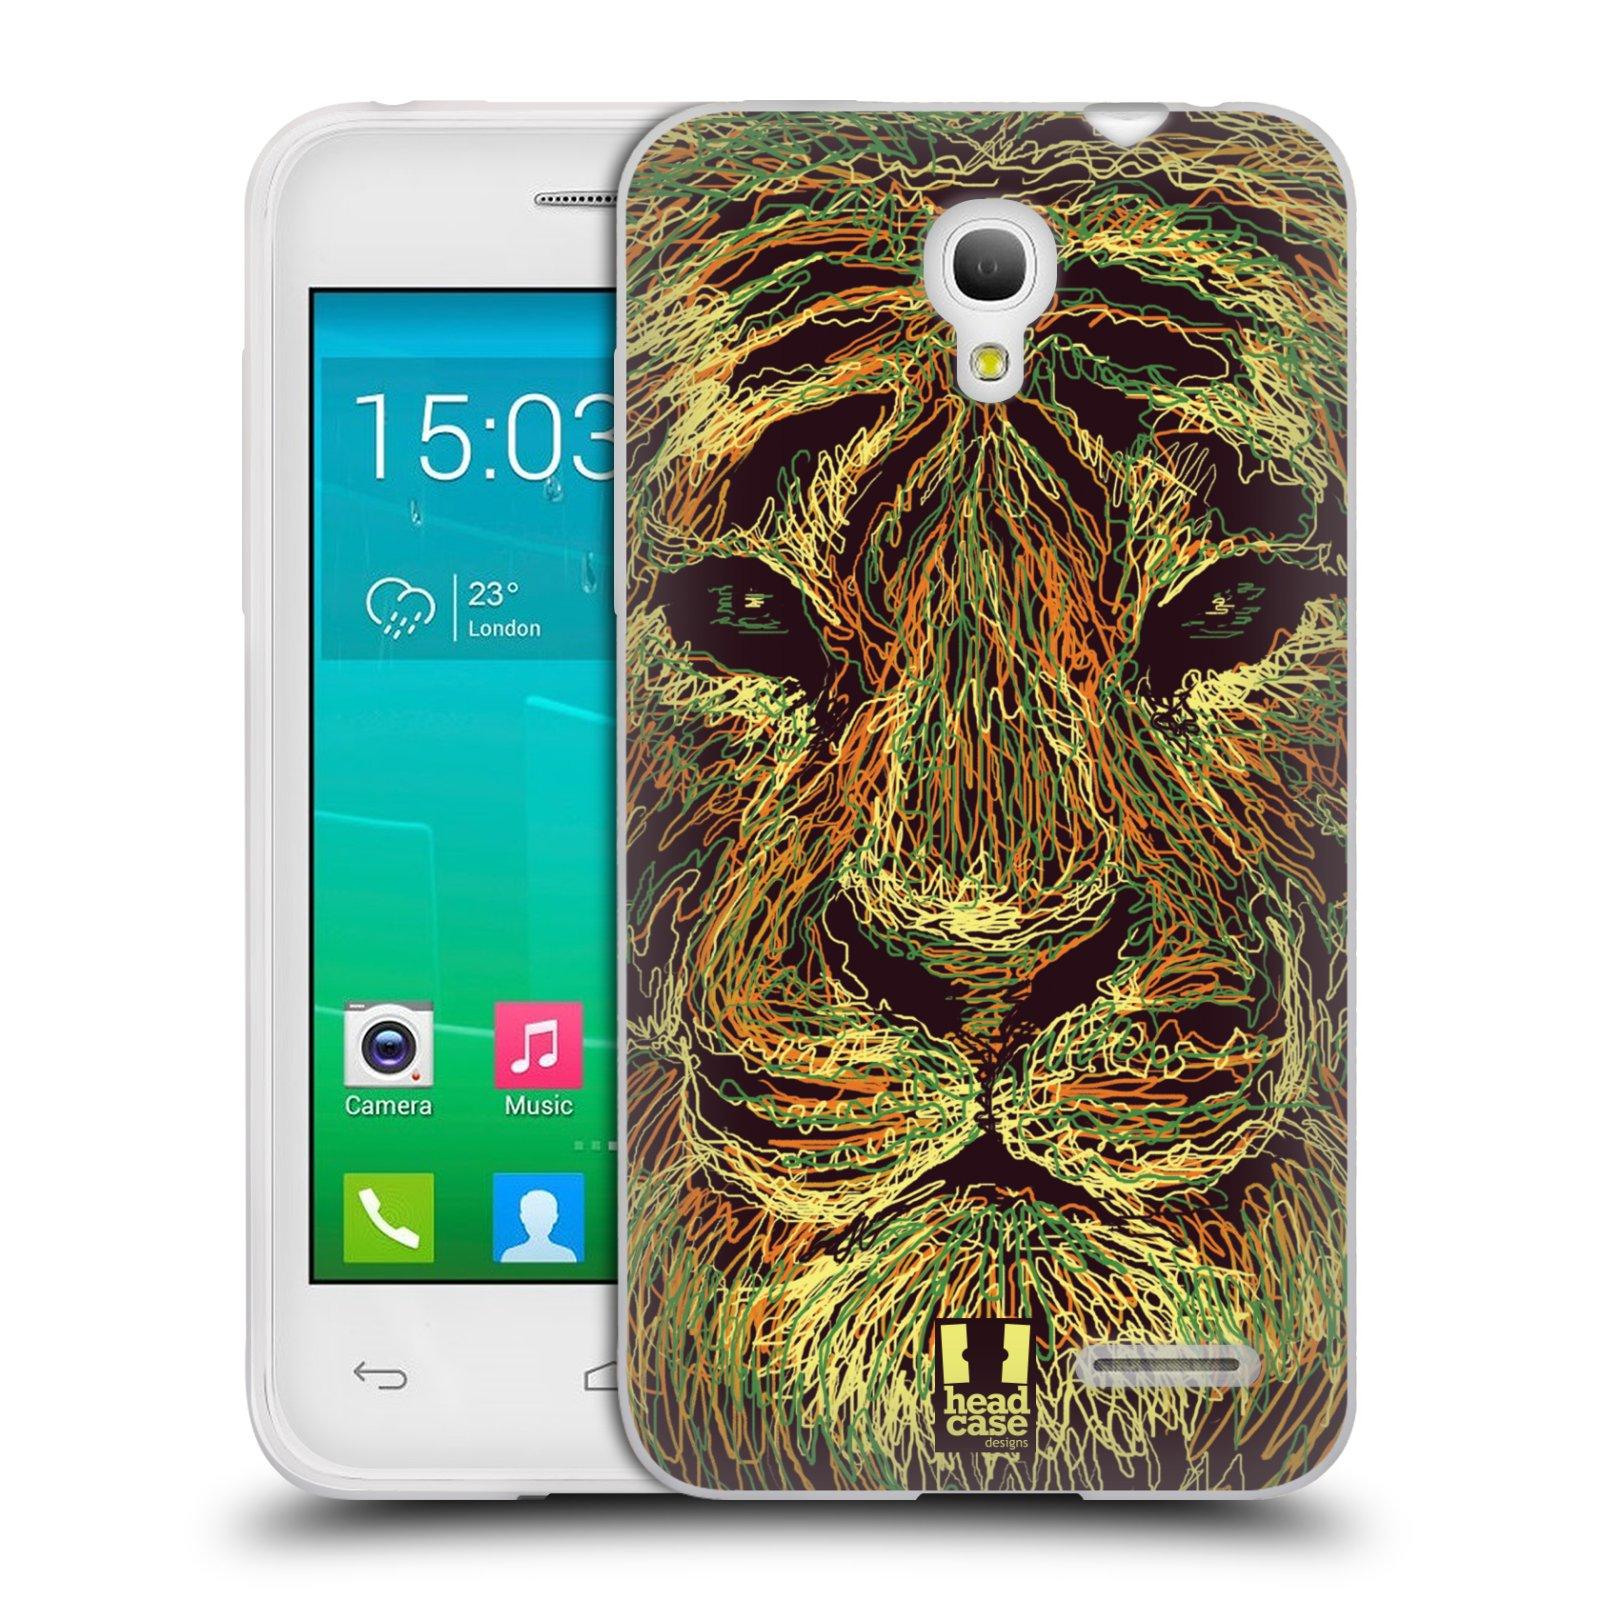 HEAD CASE silikonový obal na mobil Alcatel POP S3 OT-5050Y vzor zvíře čmáranice tygr